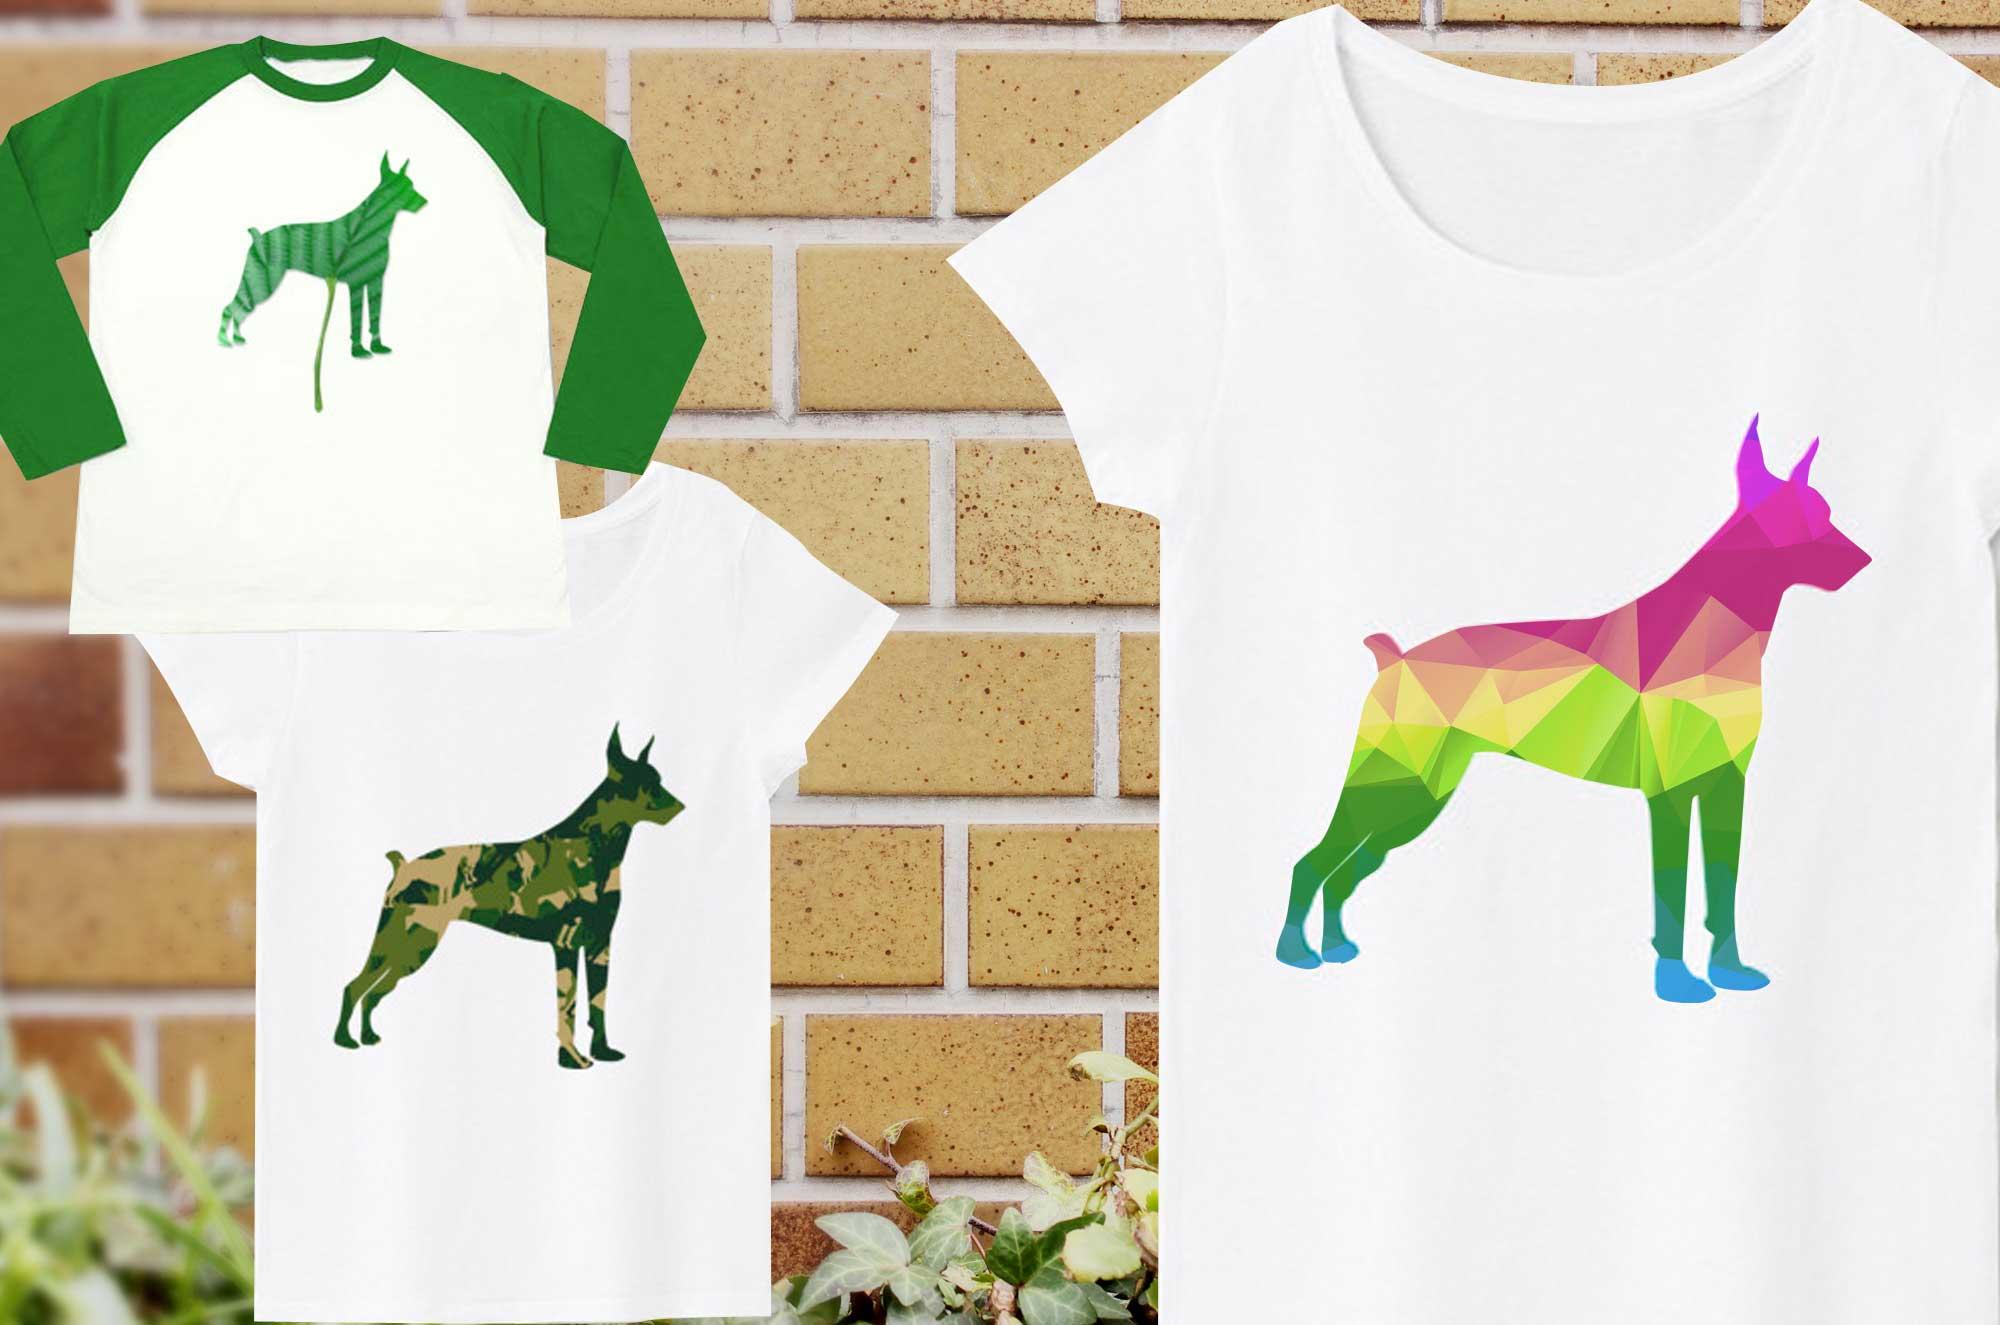 ドーベルマンTシャツ - スマートでかっこいい犬グッズ